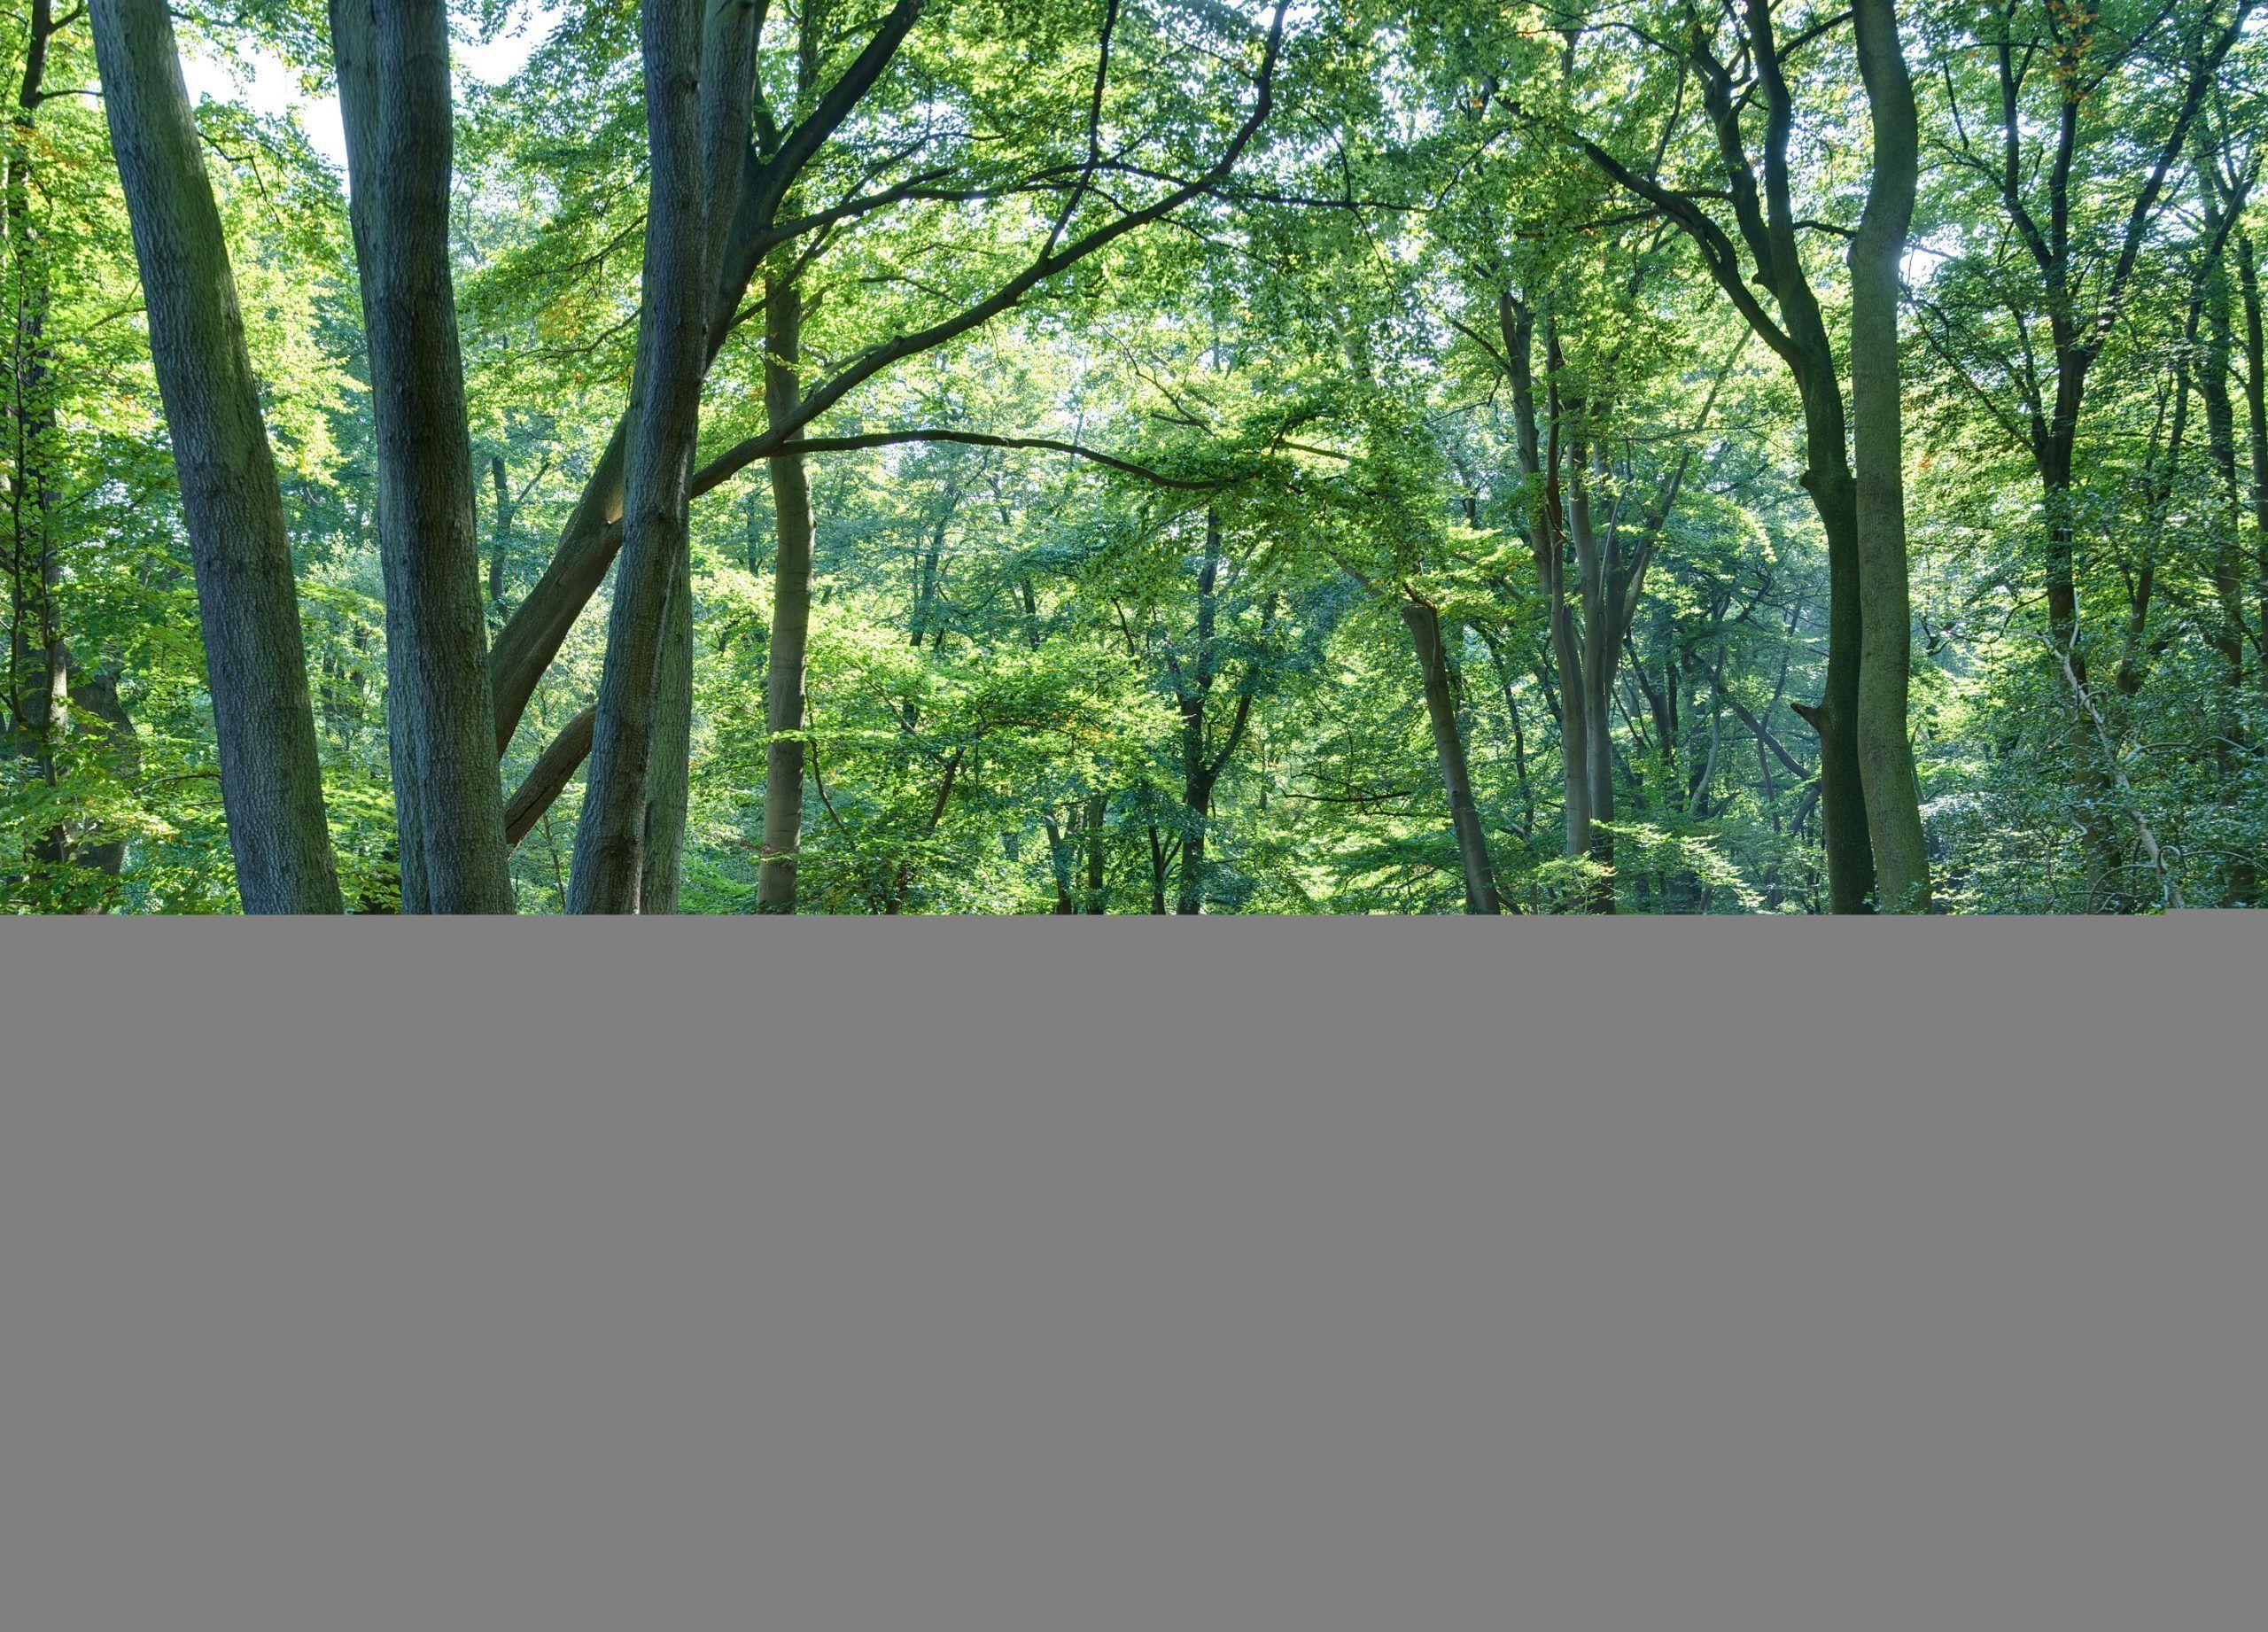 bosco bambino lasciato solo in giappone